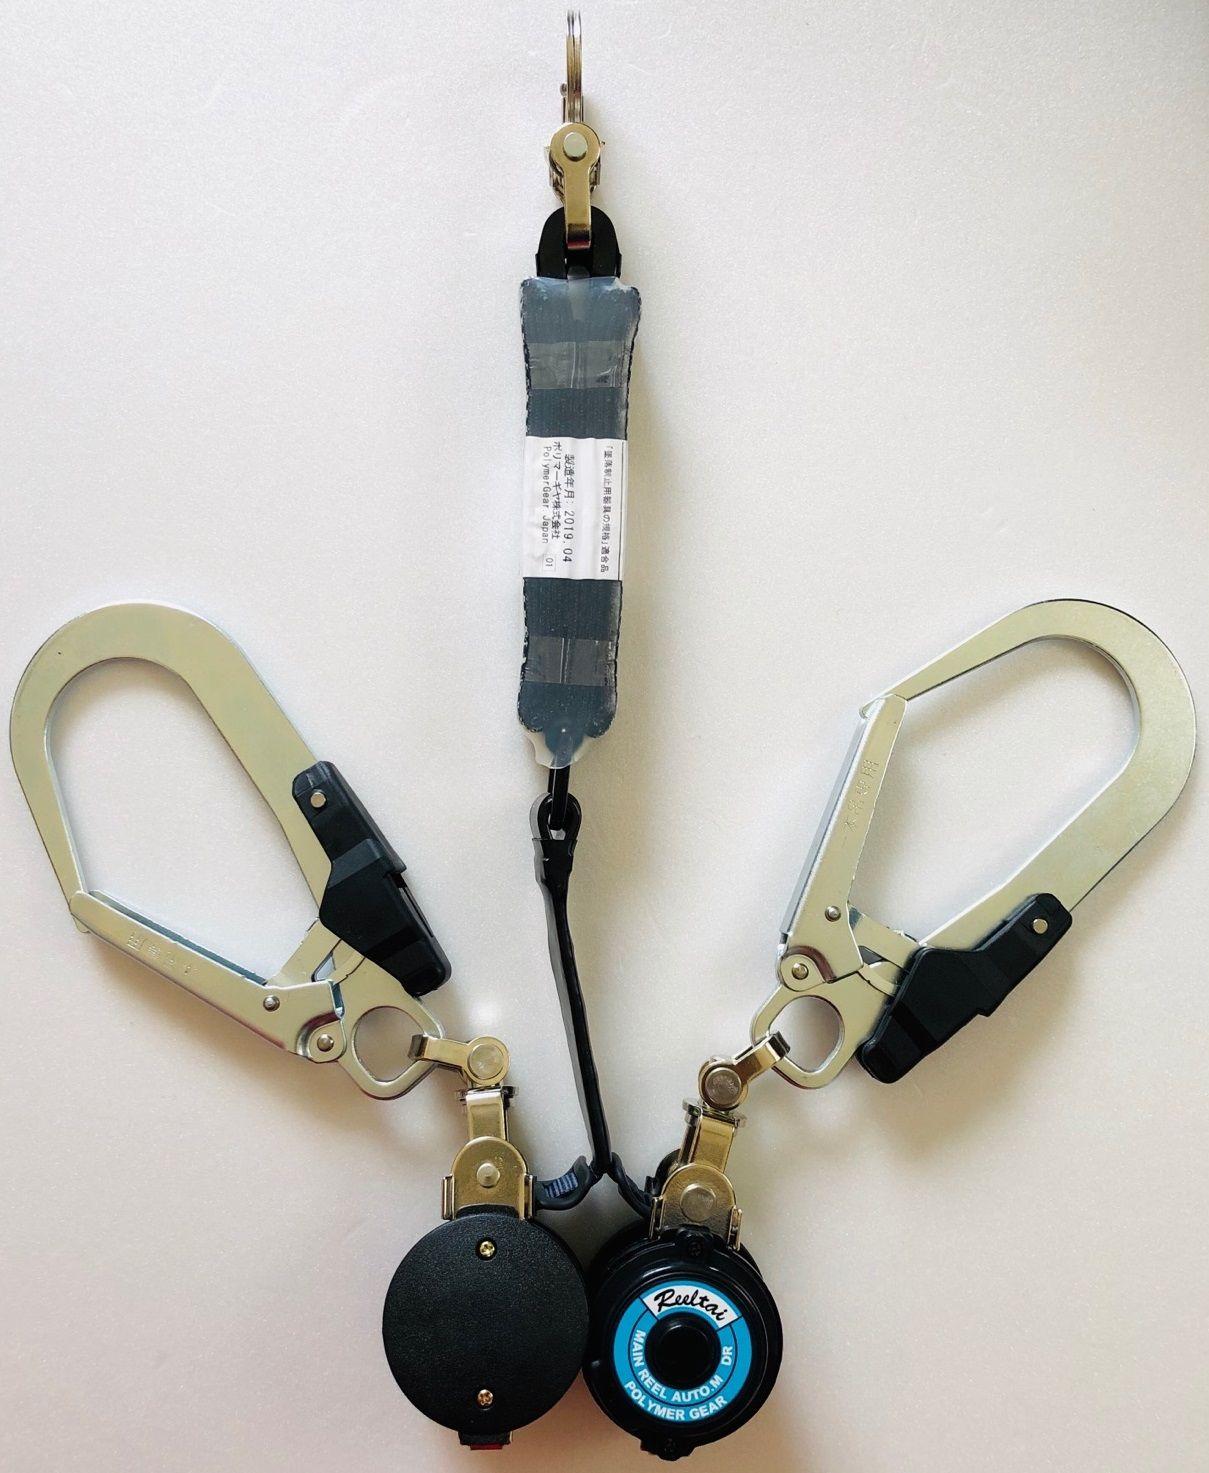 ポリマーギヤ WDR/RNC-M-51S-F8 NB ハーネス用ポリマーリールダブル 巻込み防止付